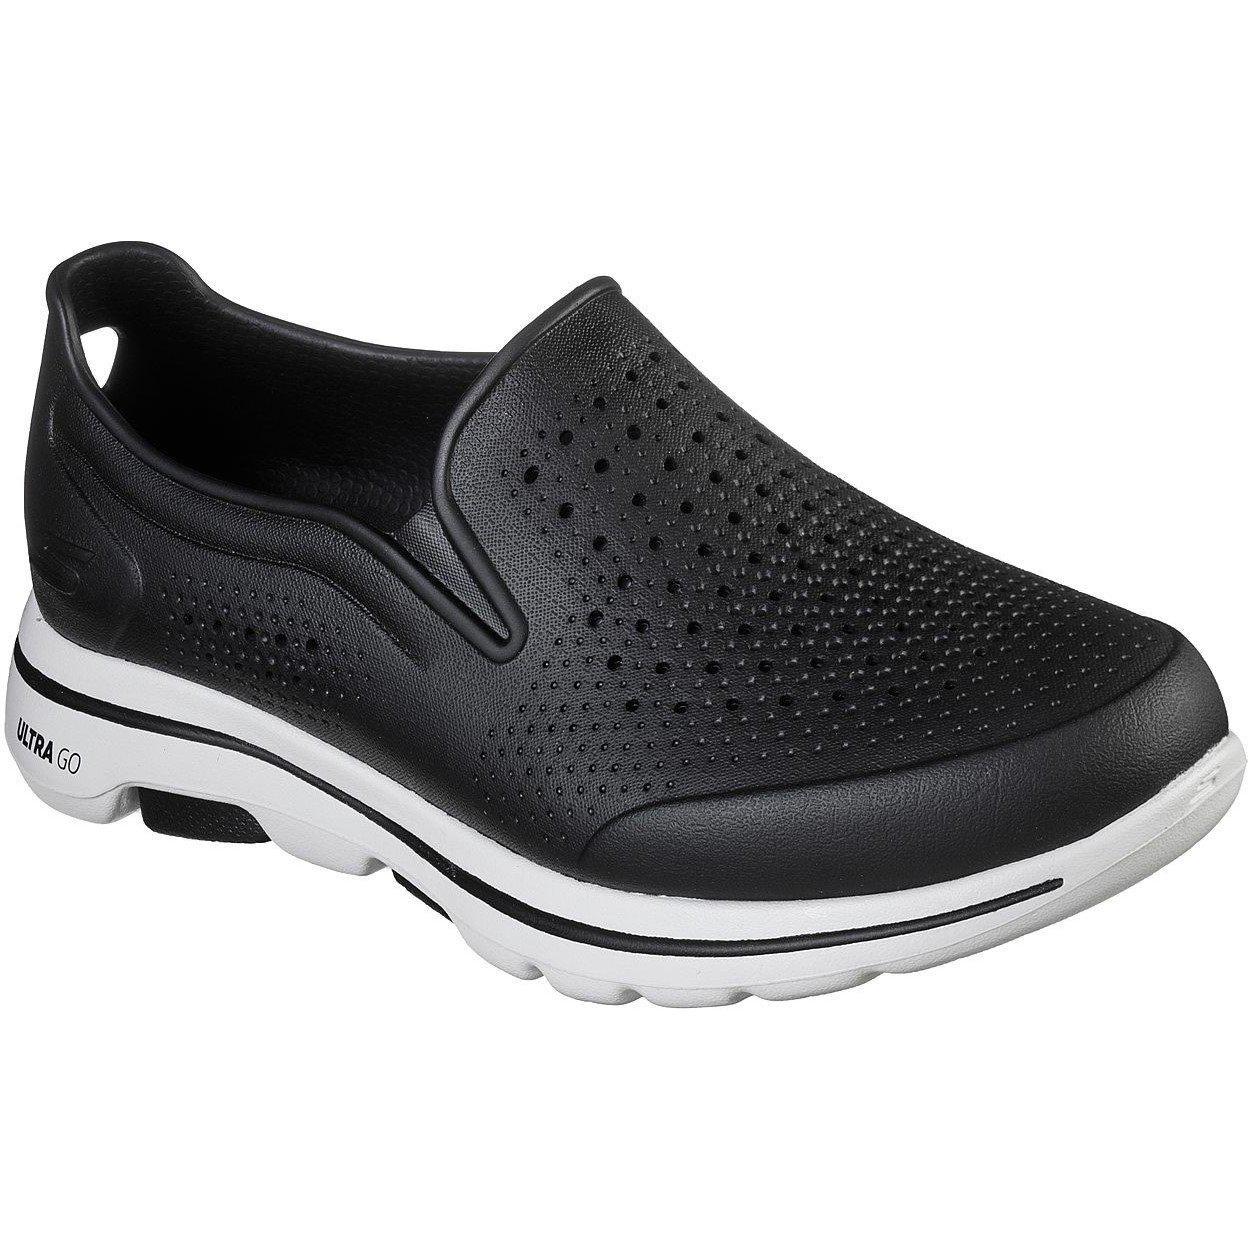 Skechers Men's Go Walk 5 Easy Going Slip On Trainer Multicolor 32391 - Black/White 9